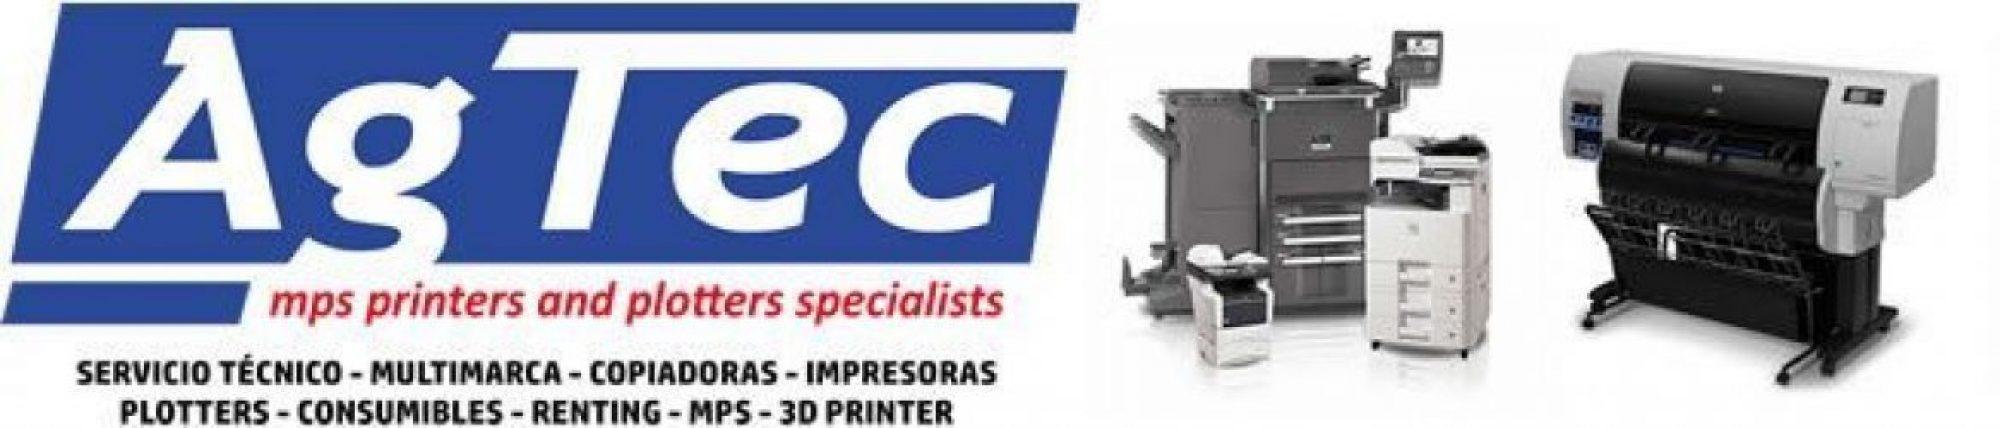 Servicio técnico hp impresoras